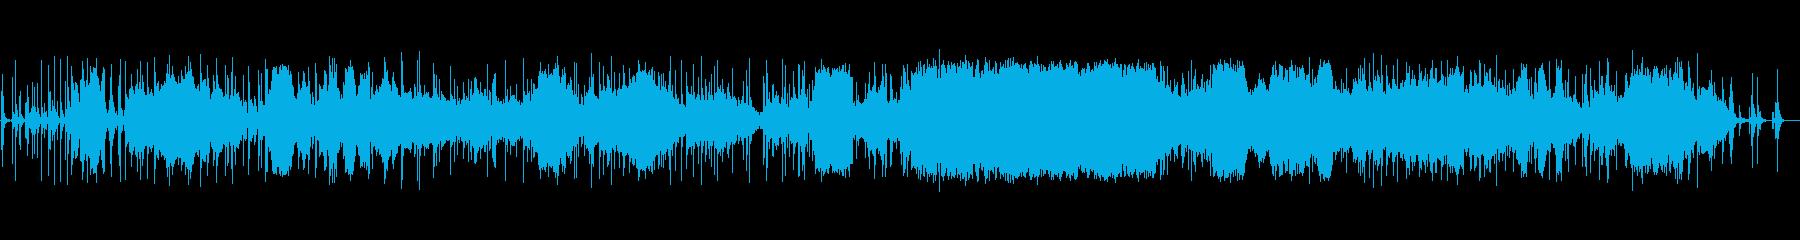 スモールスタジオオーディエンス:歓...の再生済みの波形